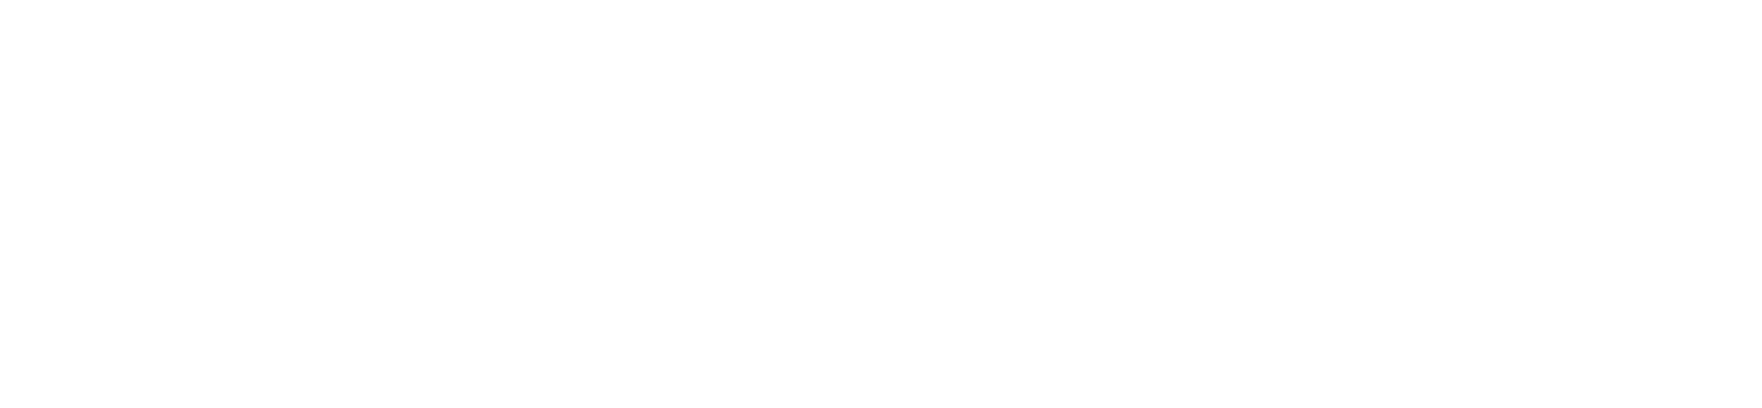 SmileForm